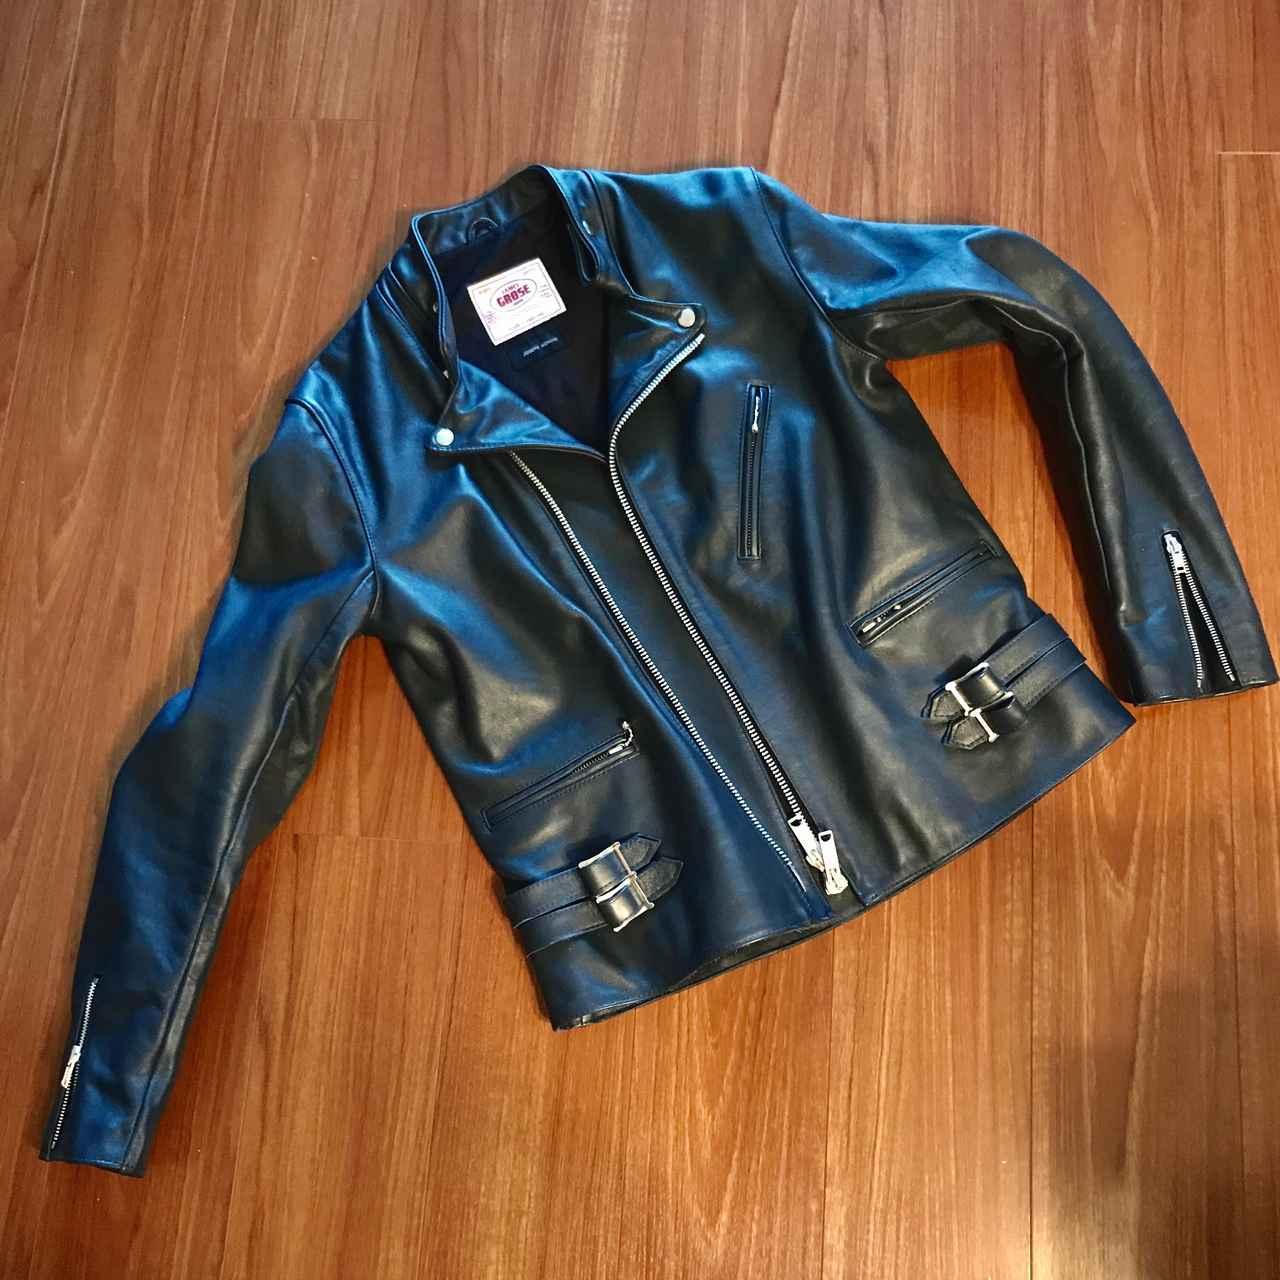 画像: NAVYカラーのJames Grose Kansan Jacket。普通は裏地はレッドだが、Josephの別注のためブラックにカスタマイズド。 lrnc.cc